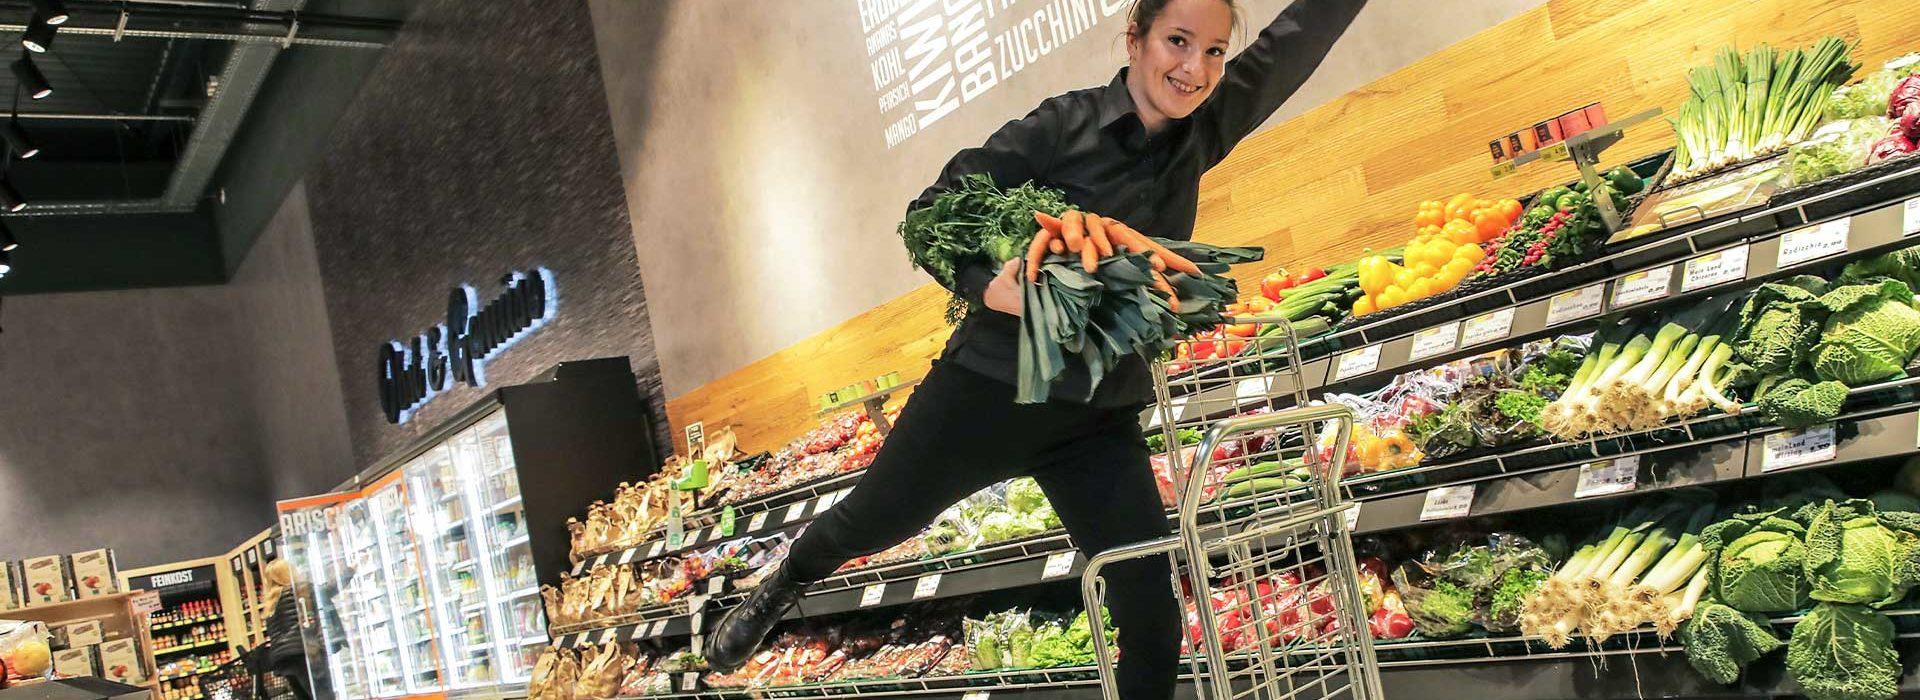 Ihr Frische Supermarkt EDKEA Endt